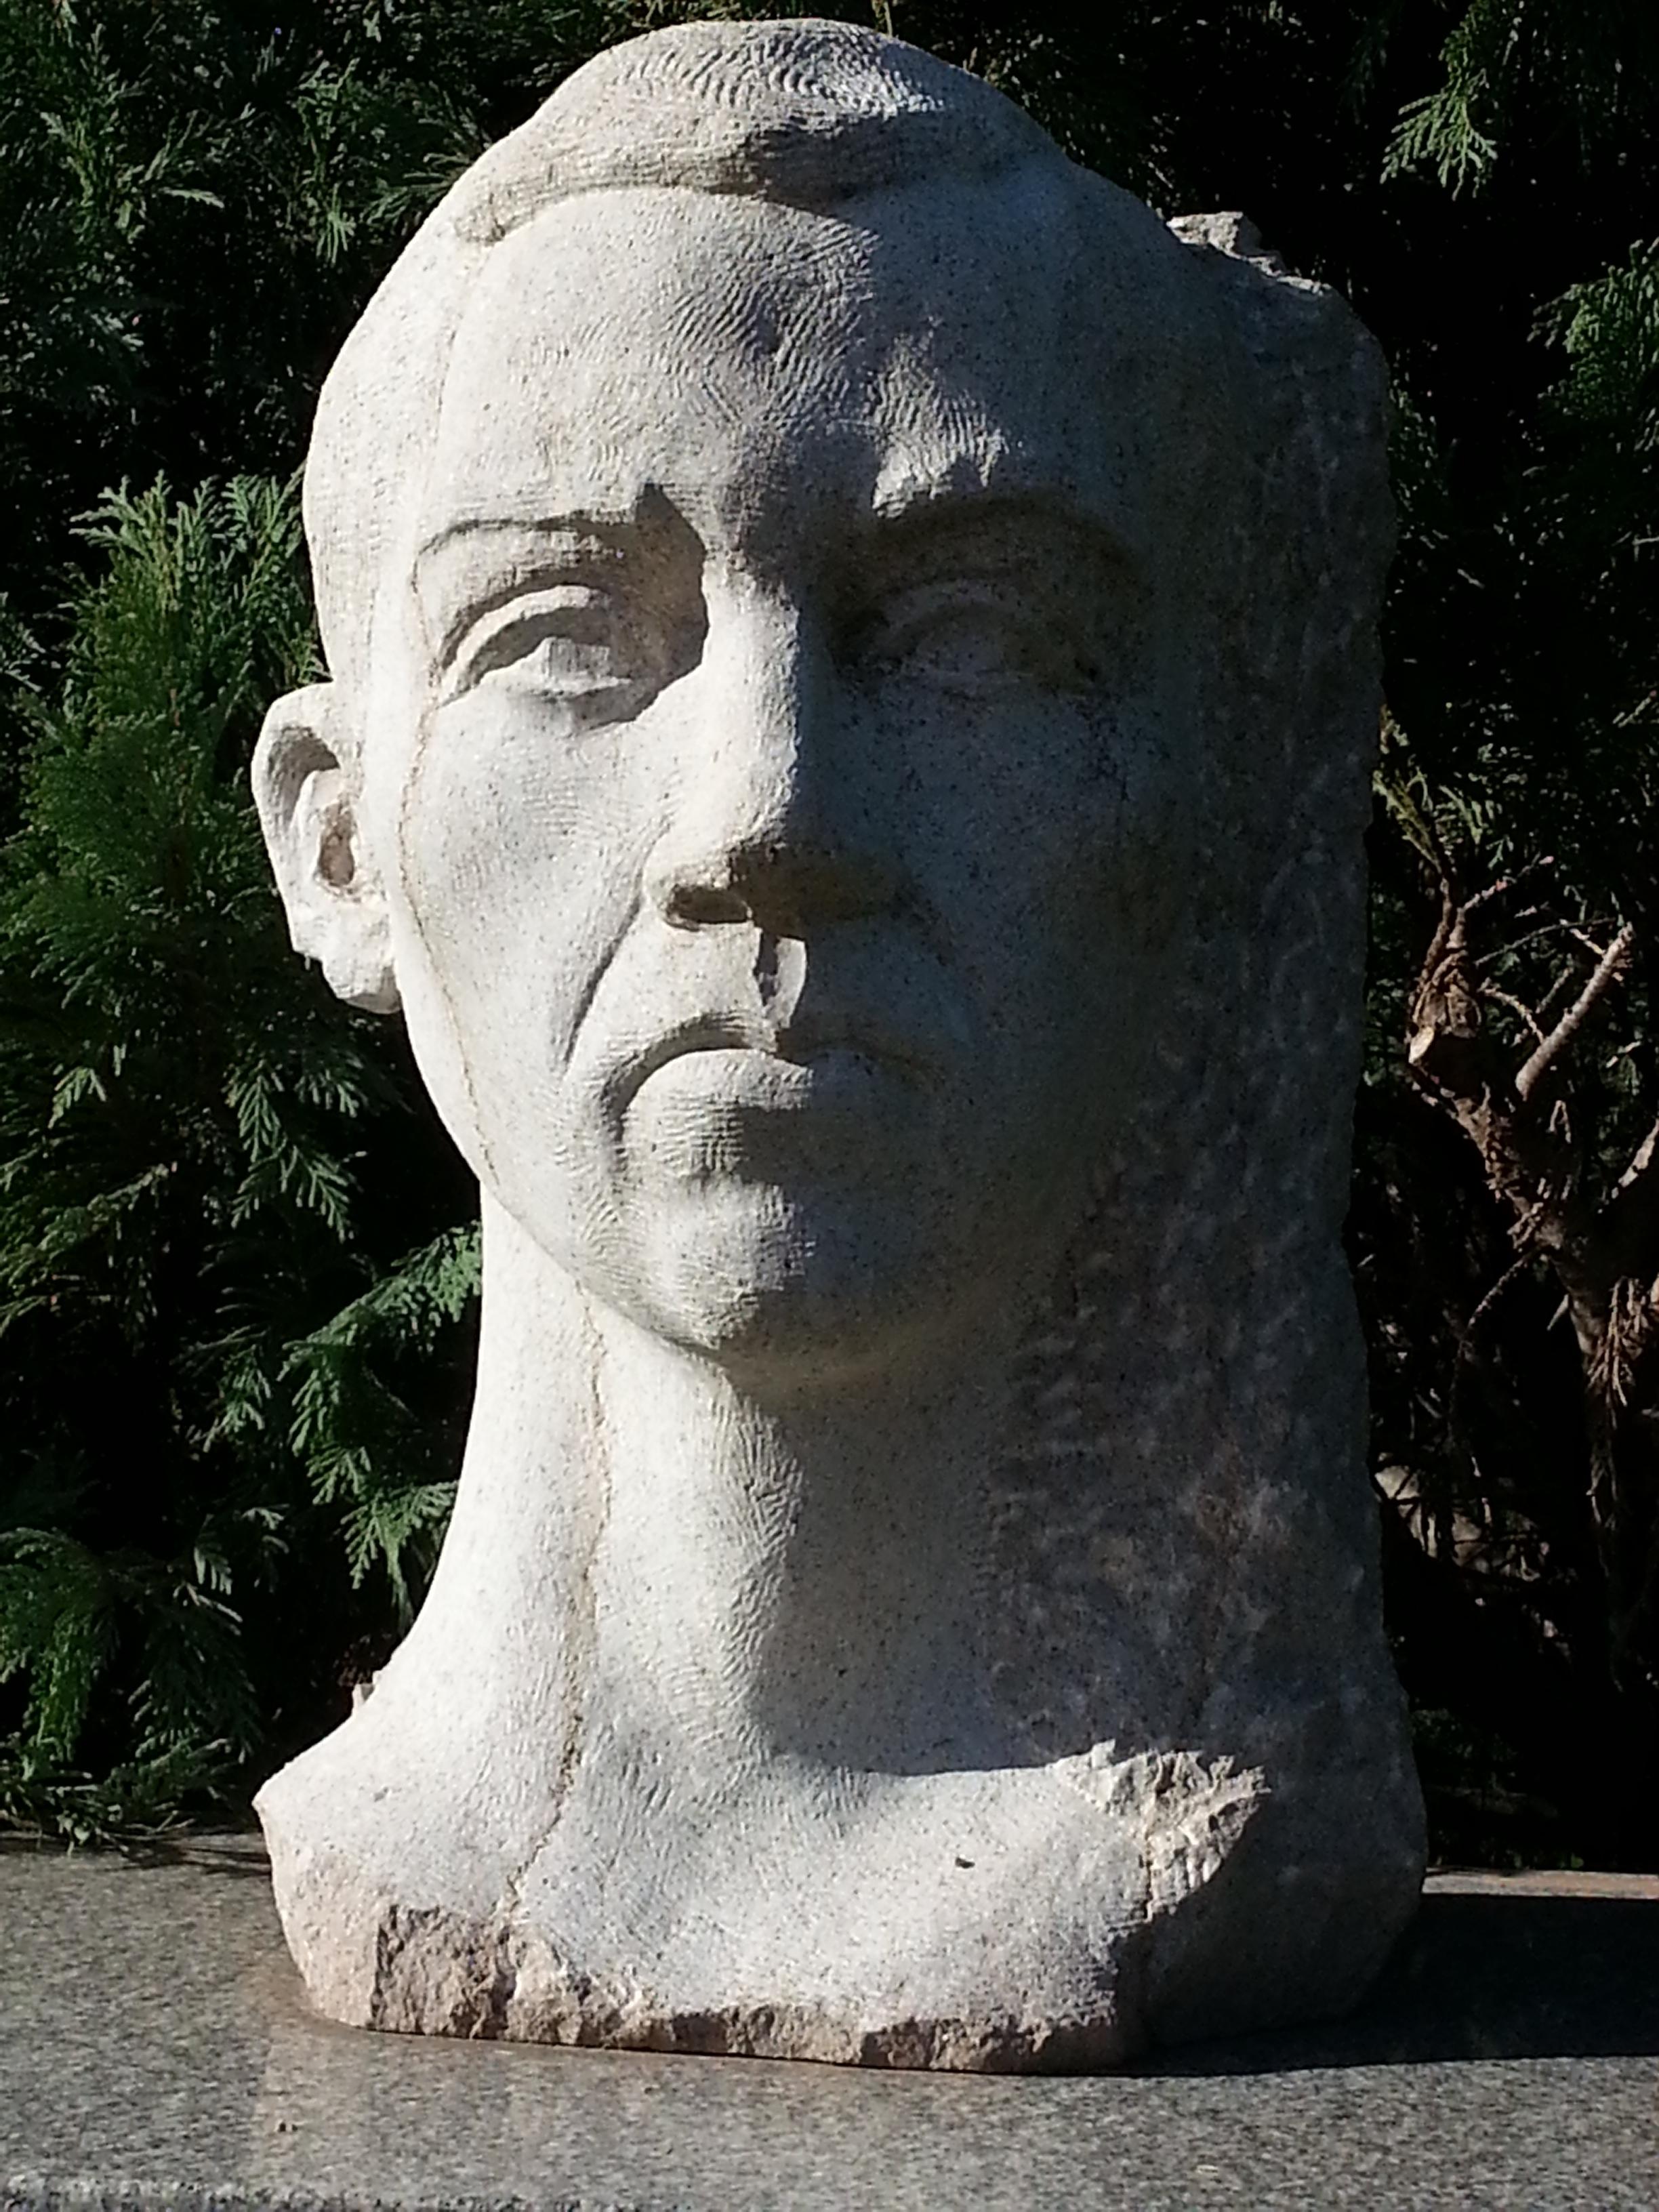 Busto de Miguel Hernández en el Paseo de los Poetas, El Rosedal, Buenos Aires.